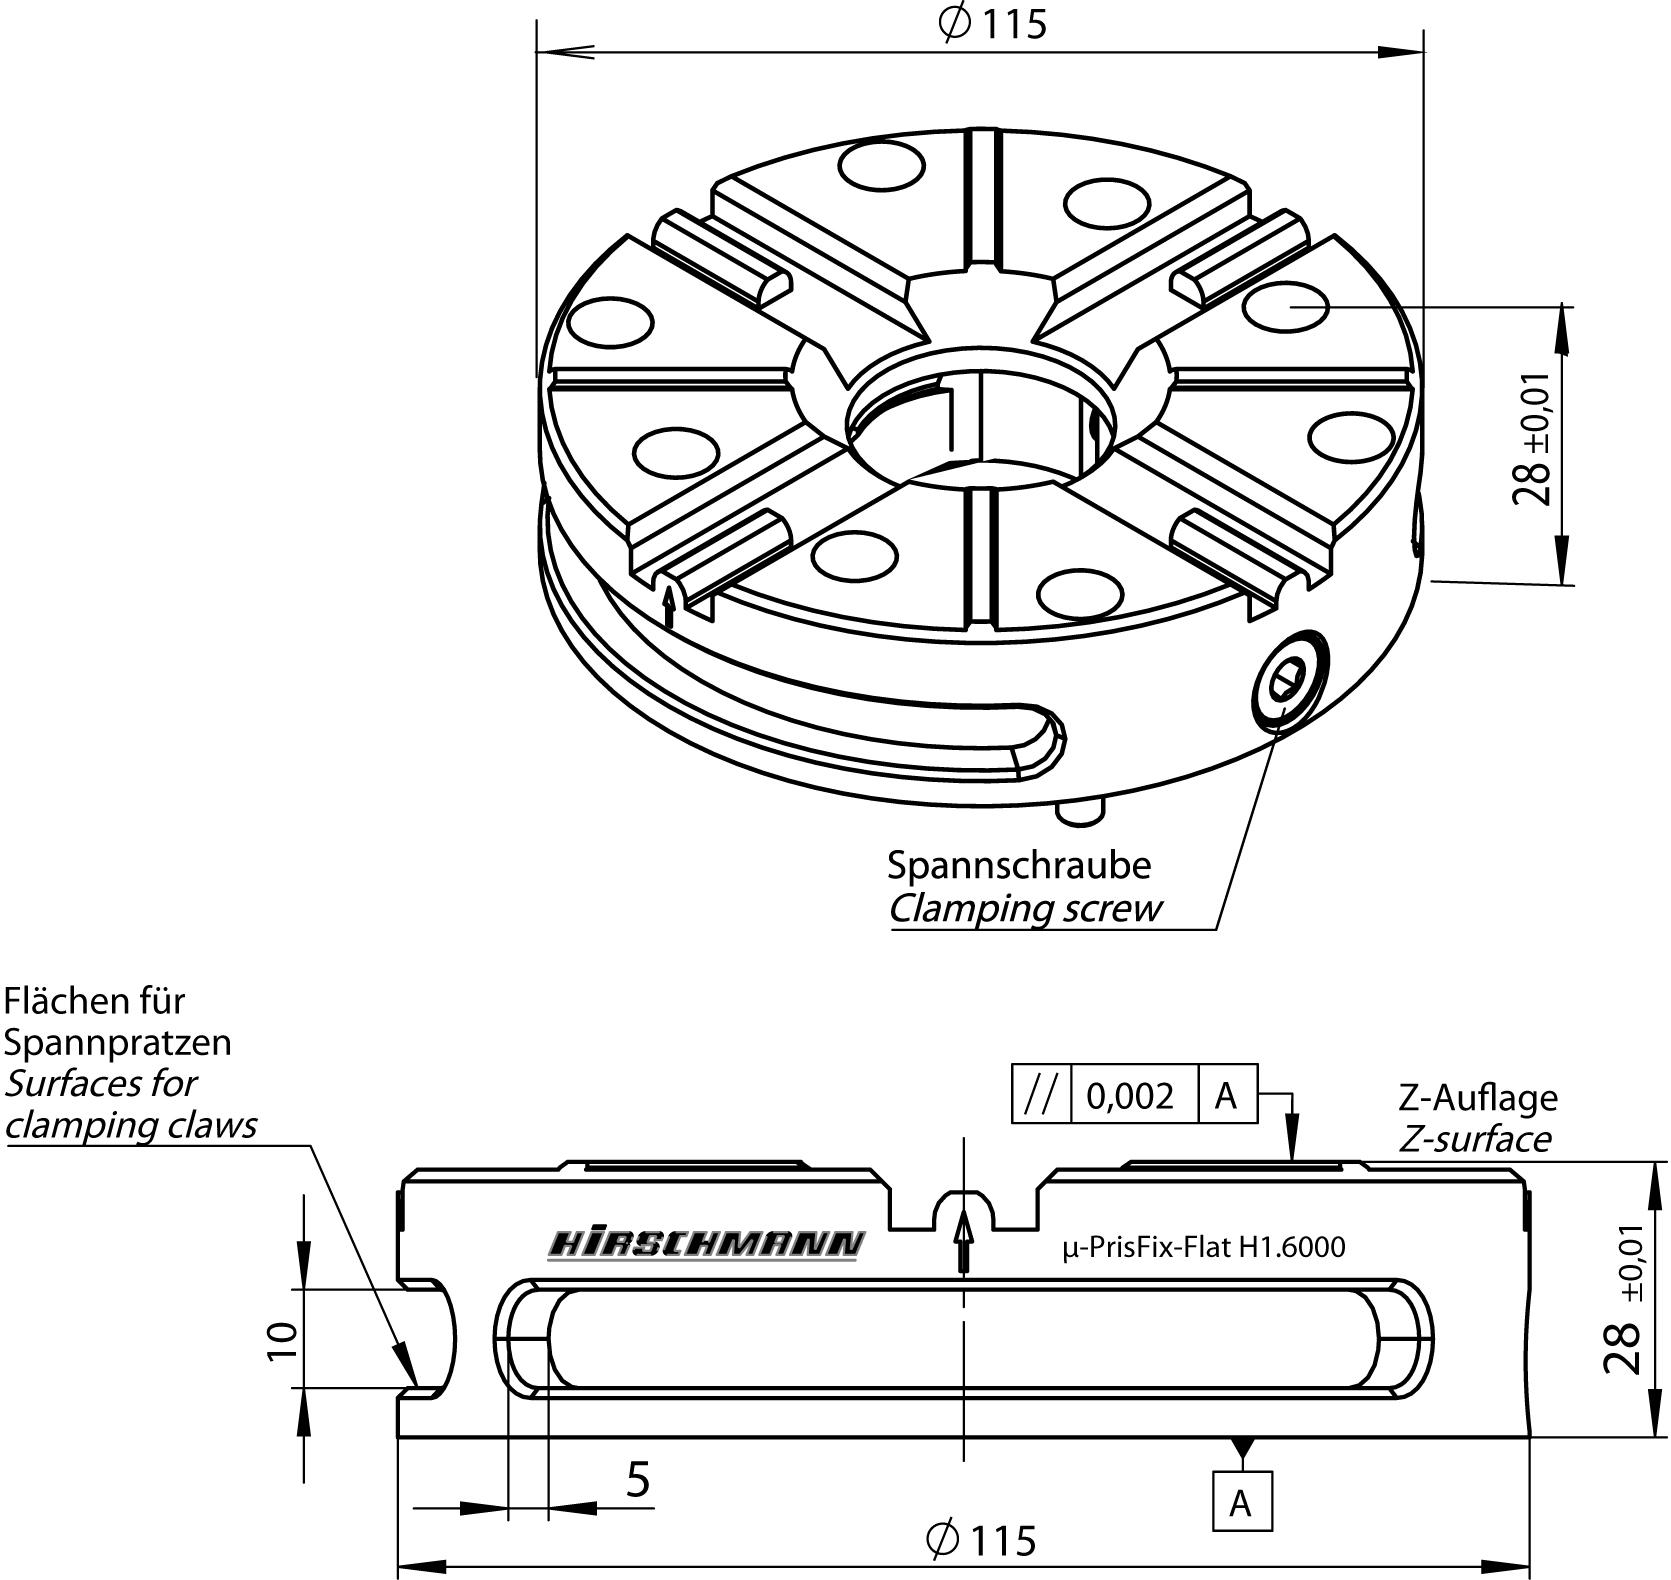 H1.6000 PrisFix Flat Clamper